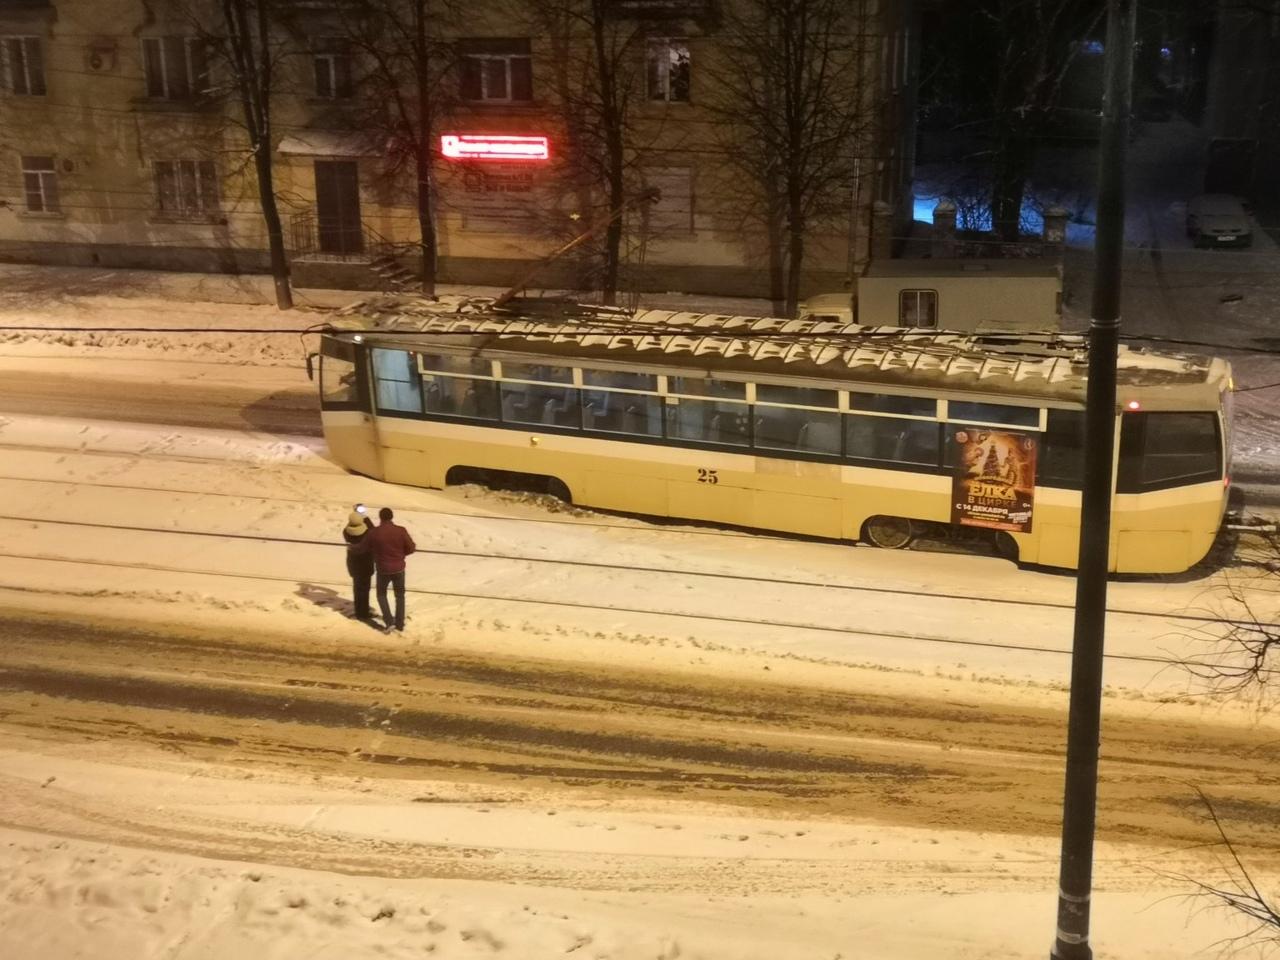 На Чкалова трамвай сошел с рельсов